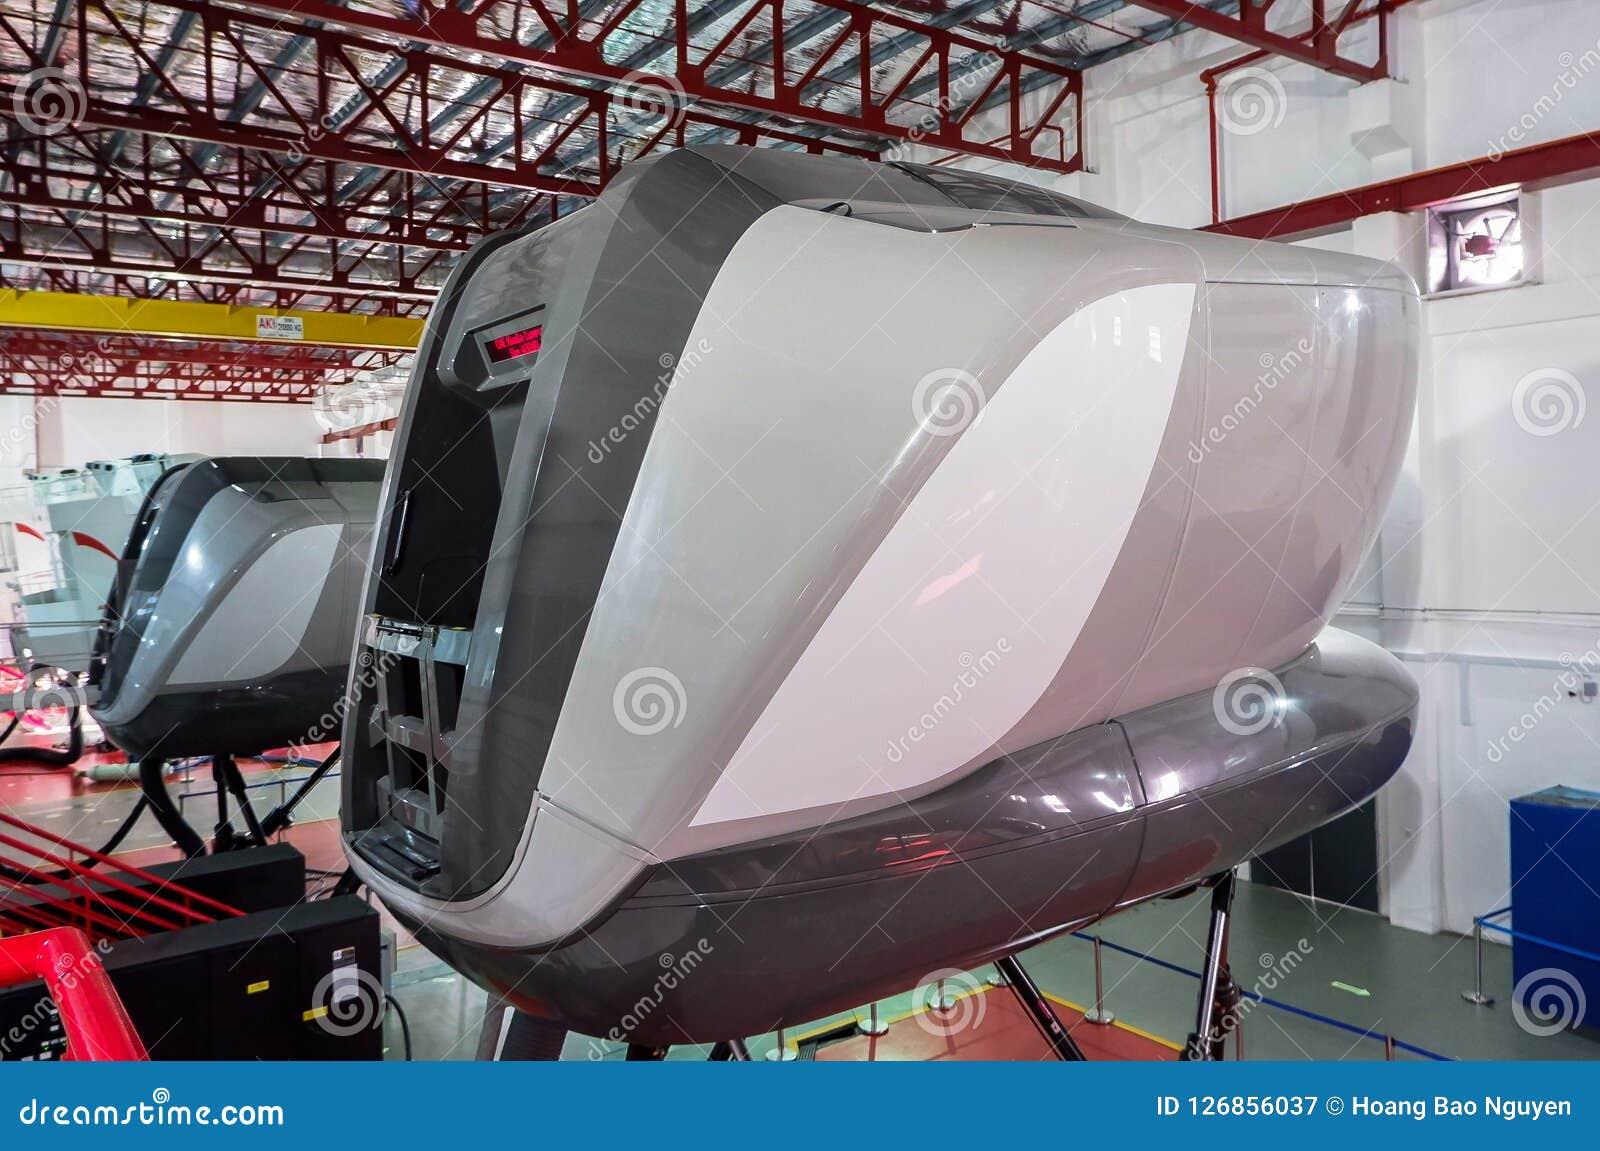 Simulatoren in der kanadischen Luftfahrt-Elektronik von Air Asia in Kuala Lumpur